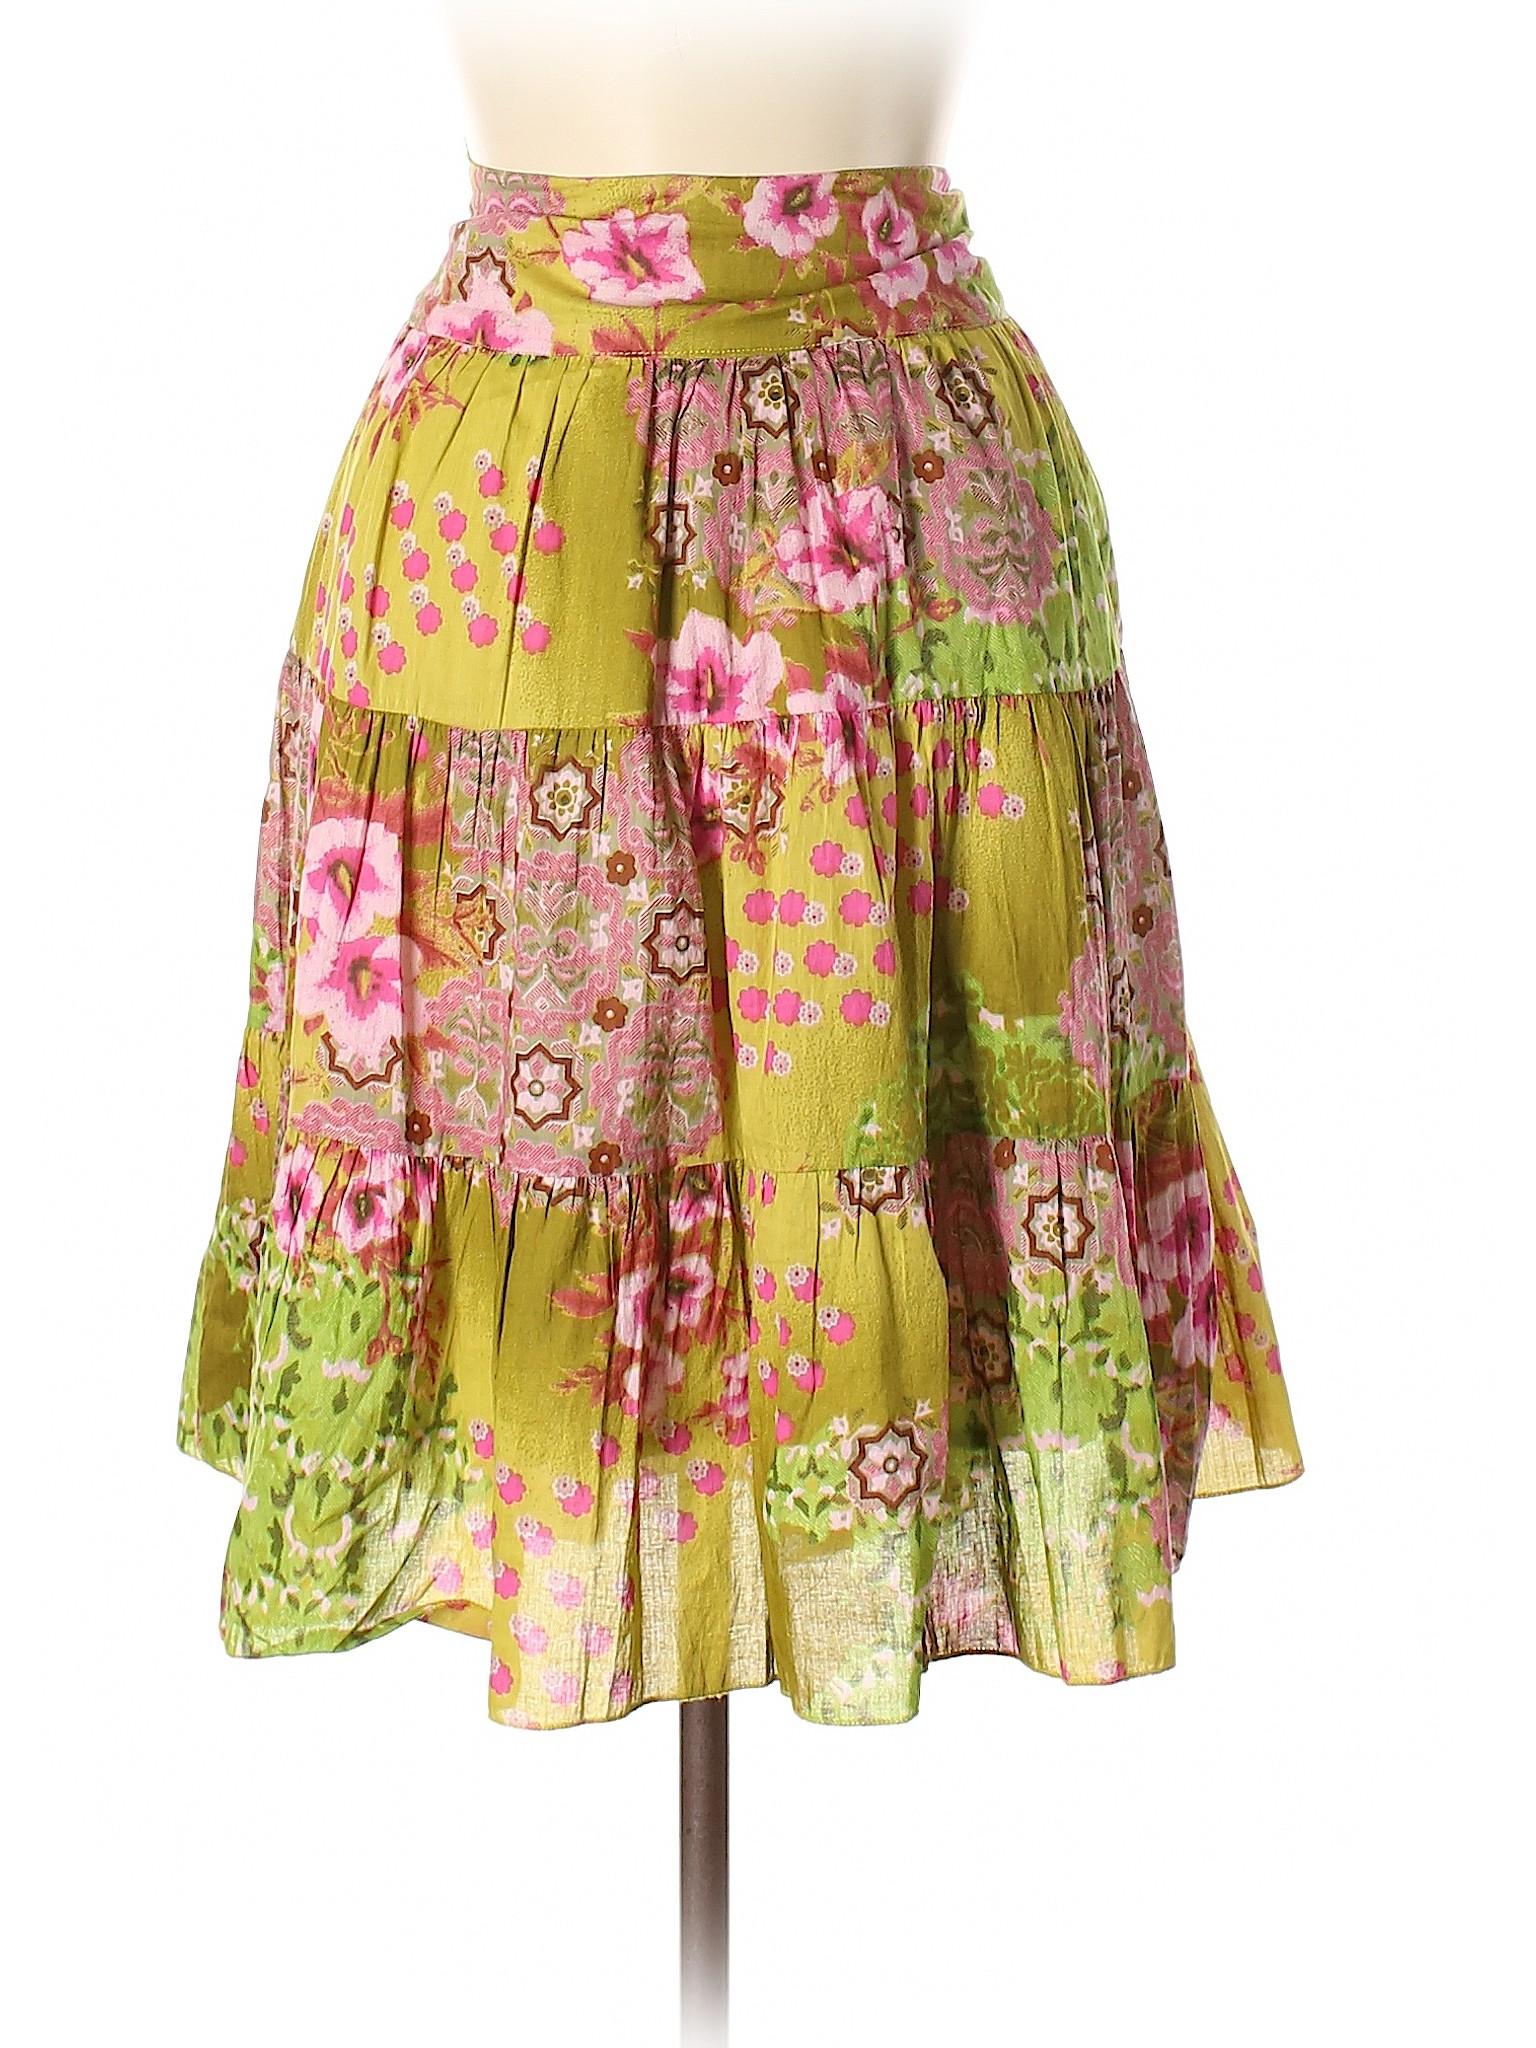 Skirt Boutique Boutique Boutique Boutique Skirt Skirt Casual Skirt Boutique Casual Casual Casual xwYzP7xF